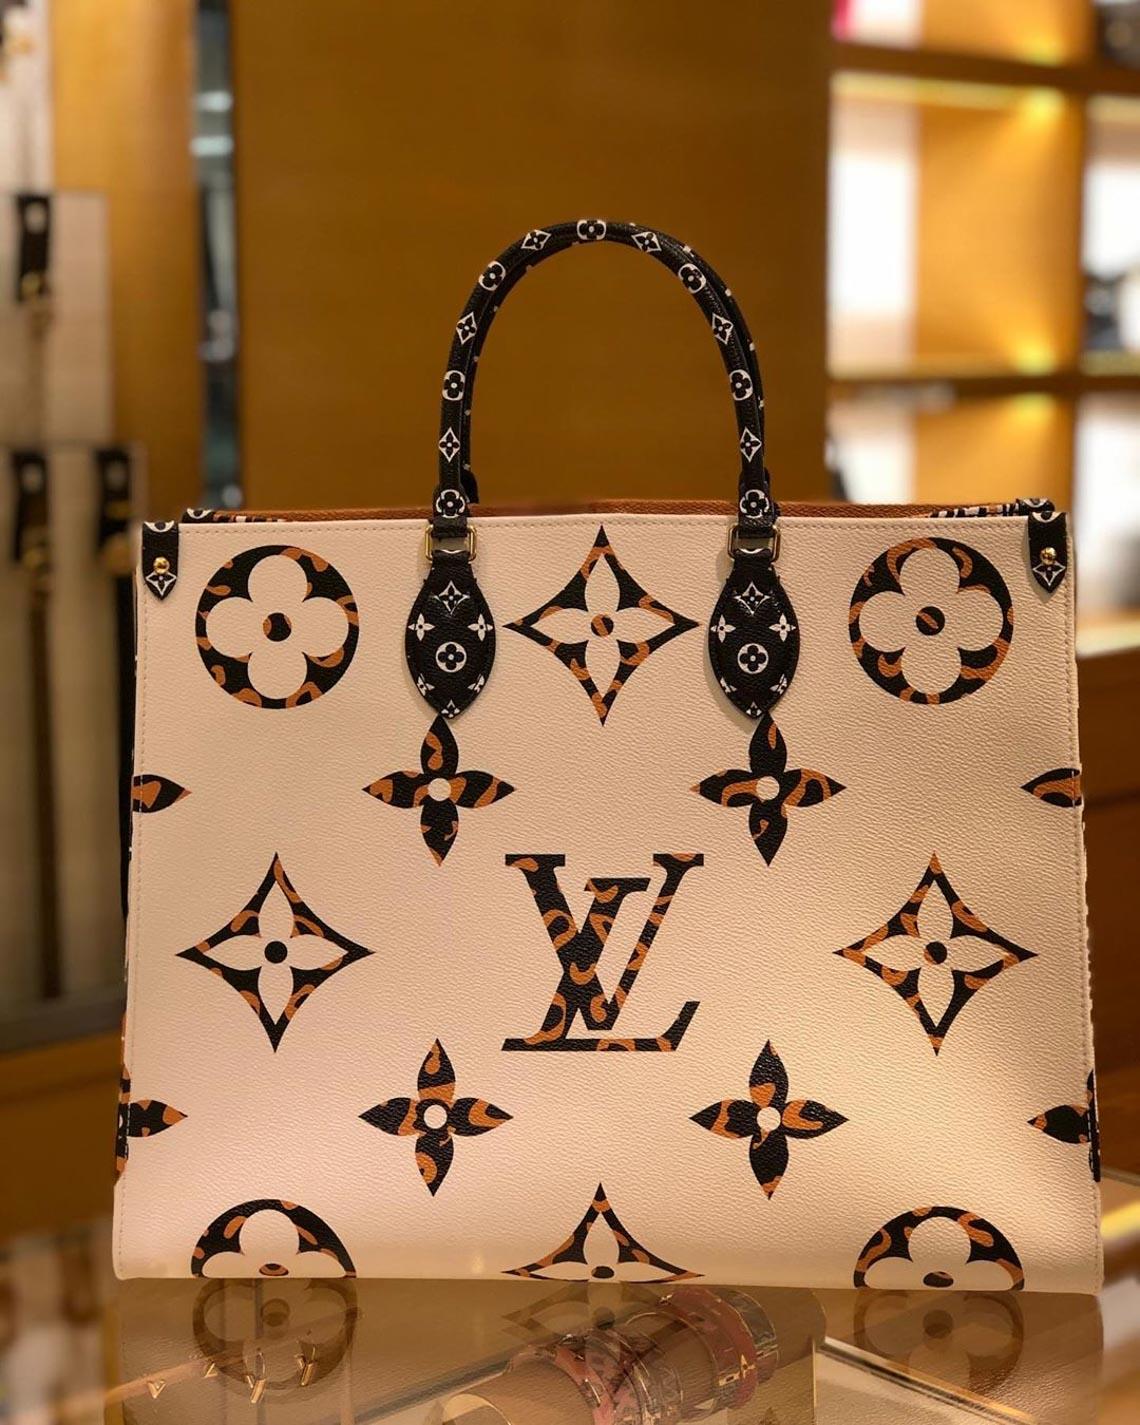 """Thể hiện """"khía cạnh hoang dã """"của bạn với Bộ sưu tập Giant Jungle Monogram của Louis Vuitton - 3"""